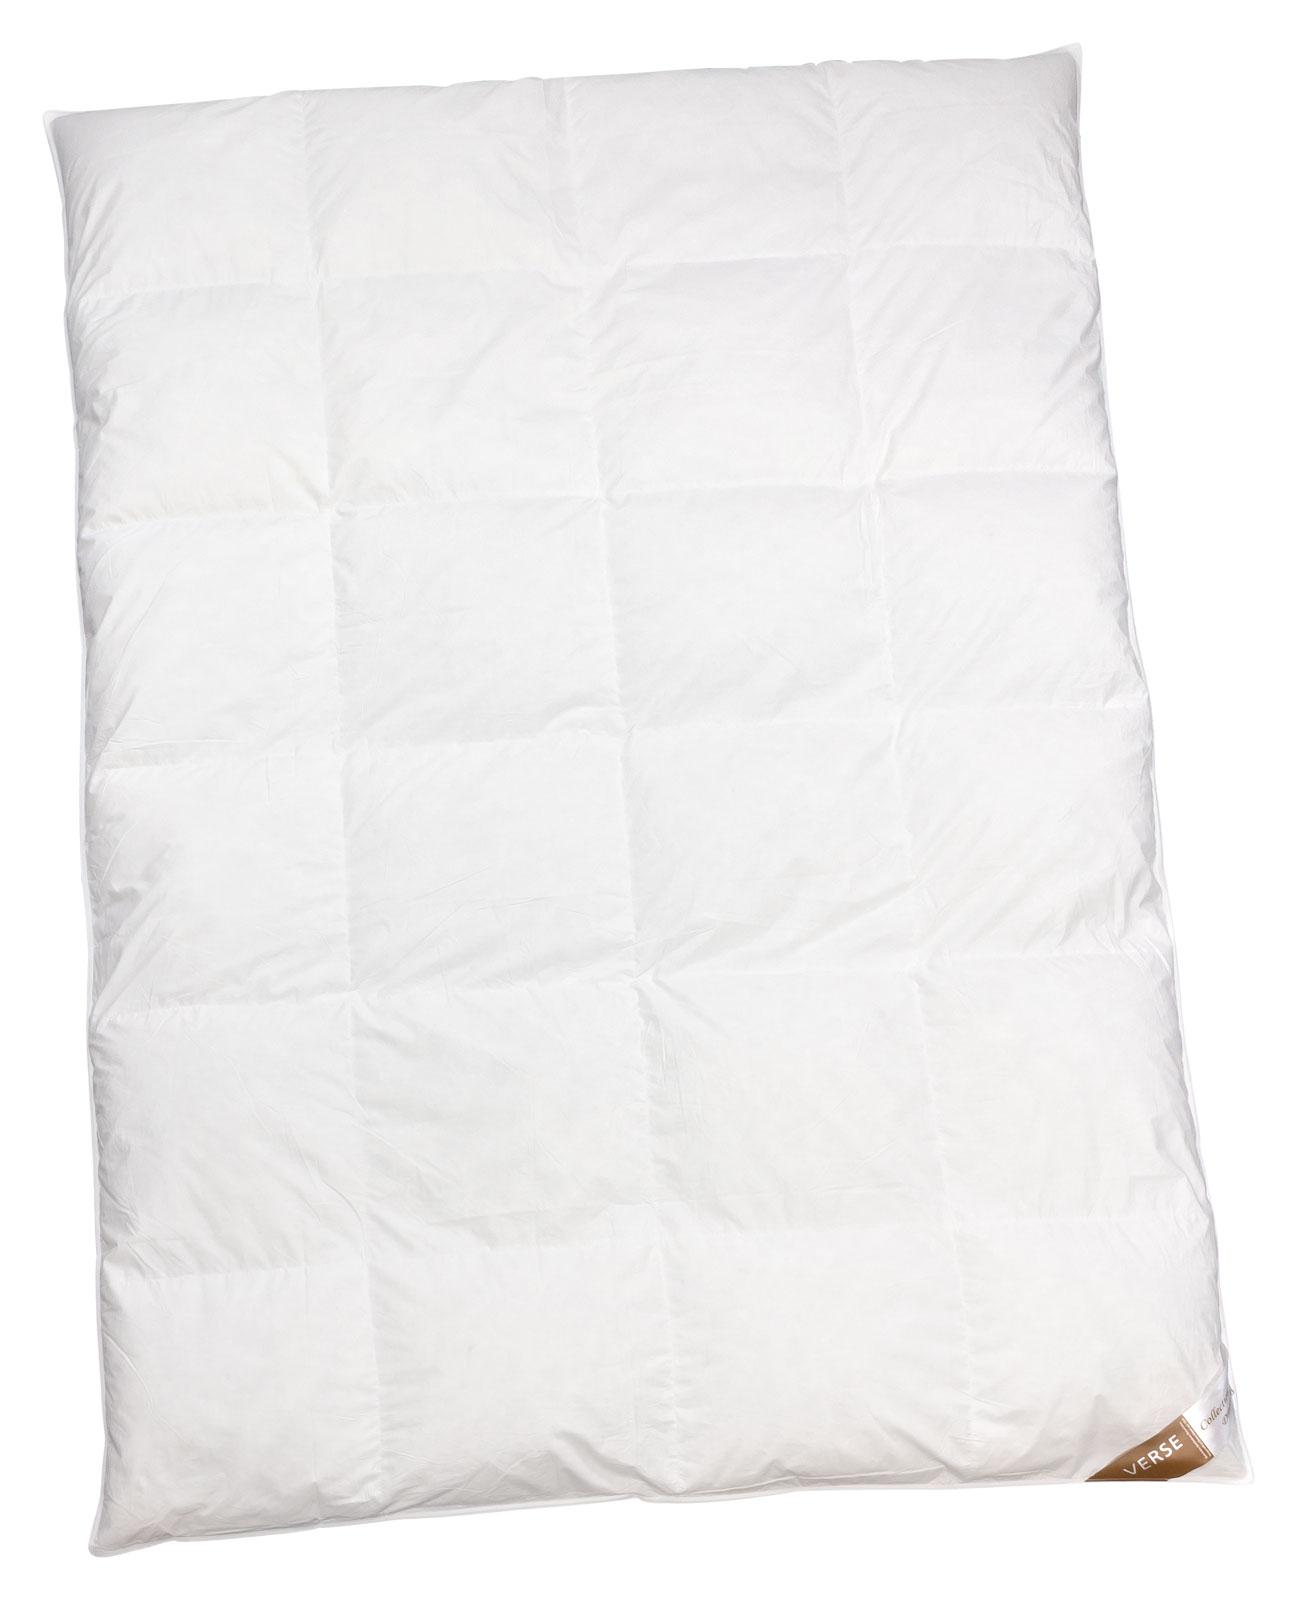 Bettdecken und Kopfkissen - Ganzjahresdecke warm Daunen Bettdecke 155x200 Verse Collection Dreaming  - Onlineshop PremiumShop321